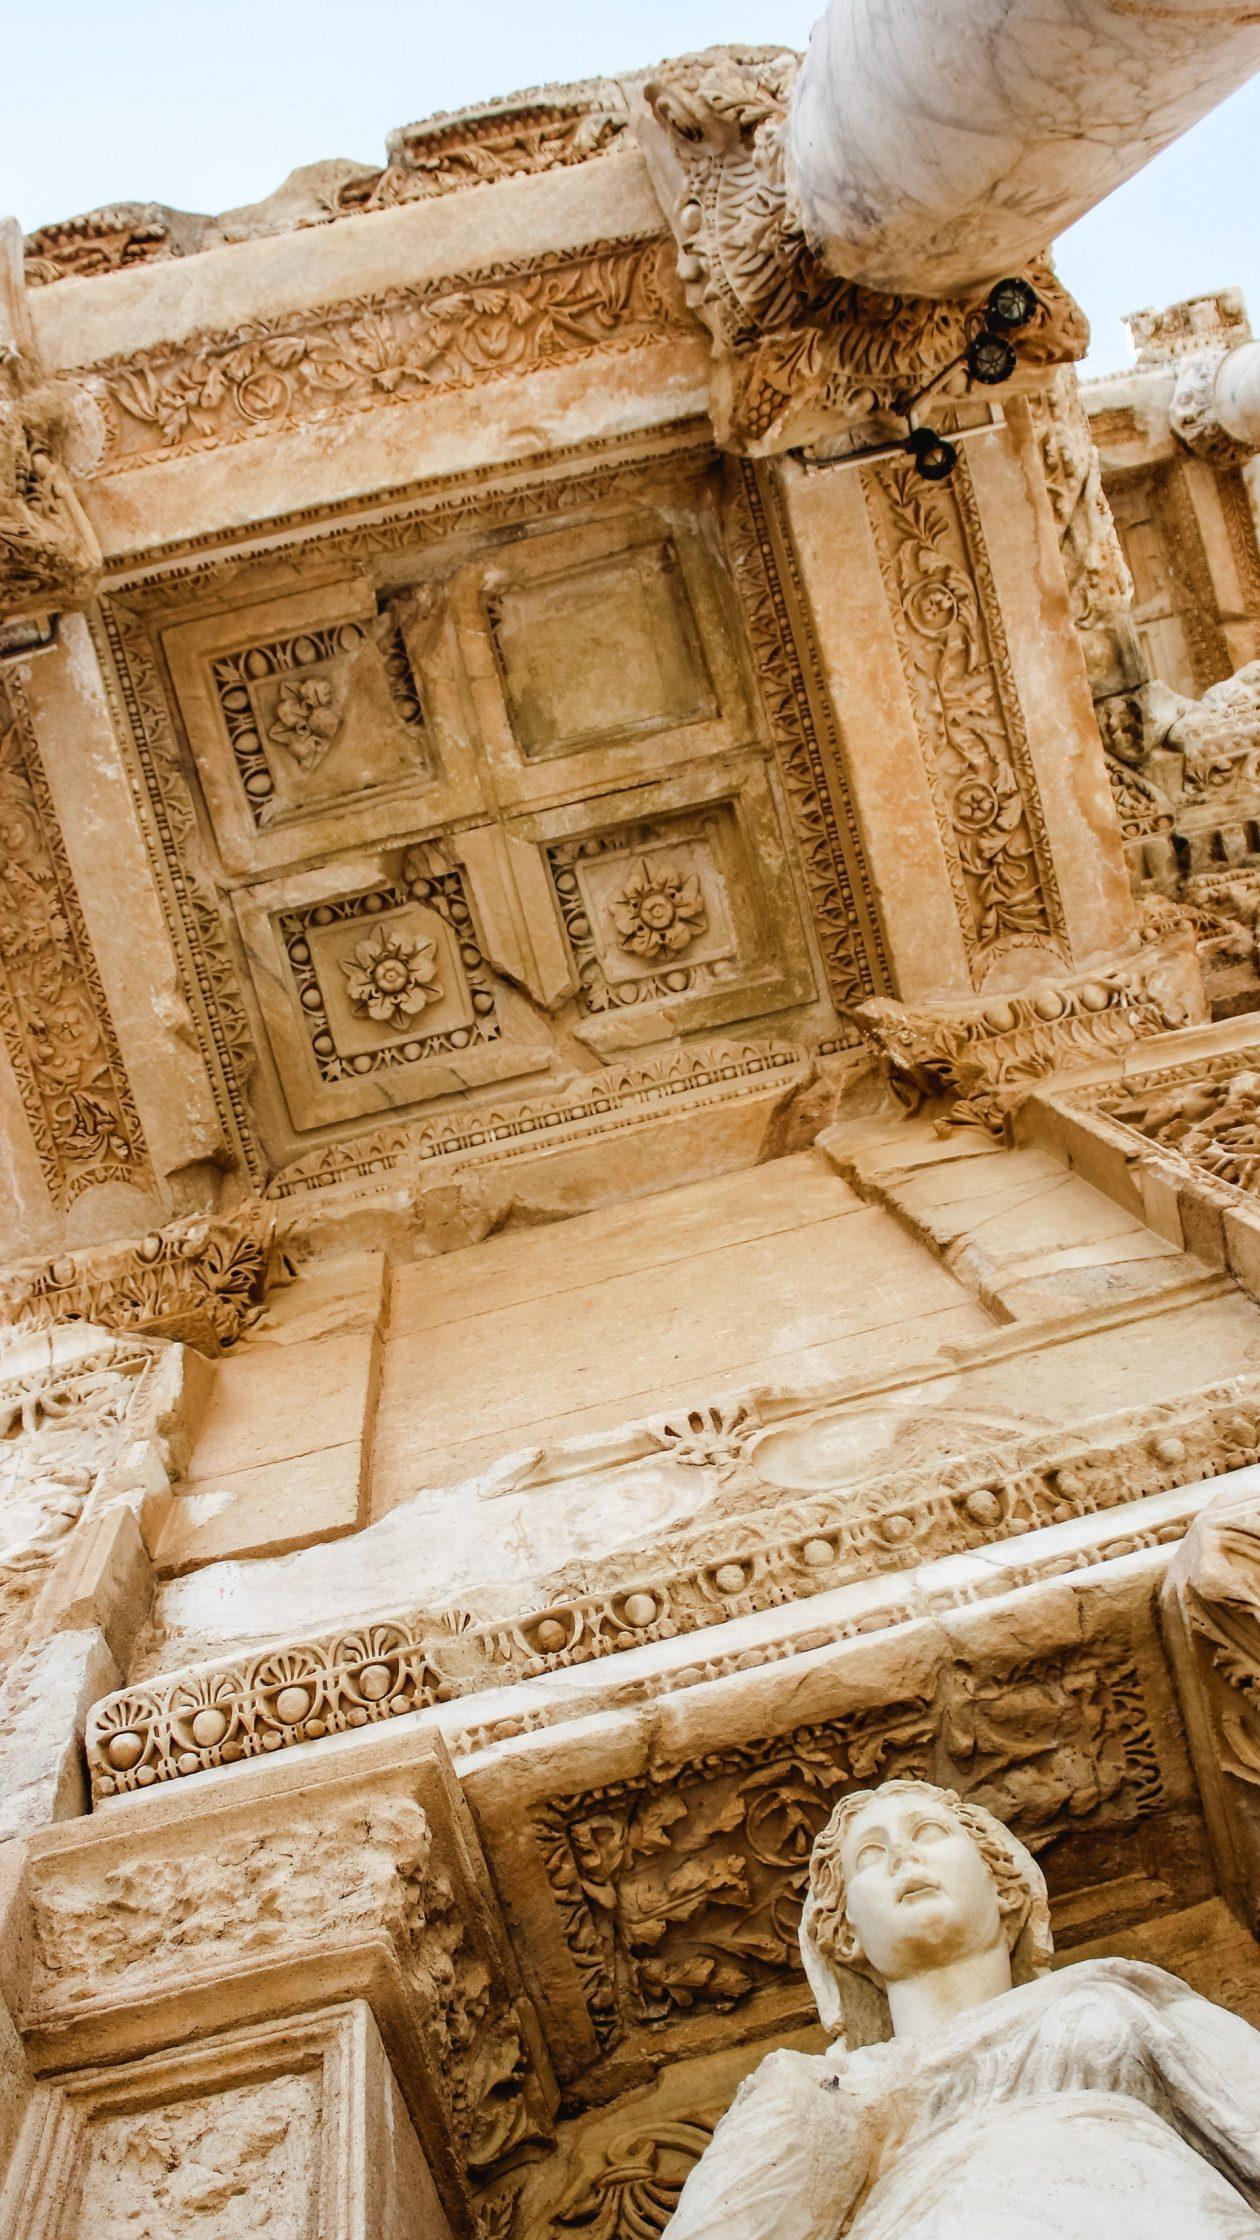 Antiikista, arvoista, ainutkertaisuudesta ja anteliaisuudesta